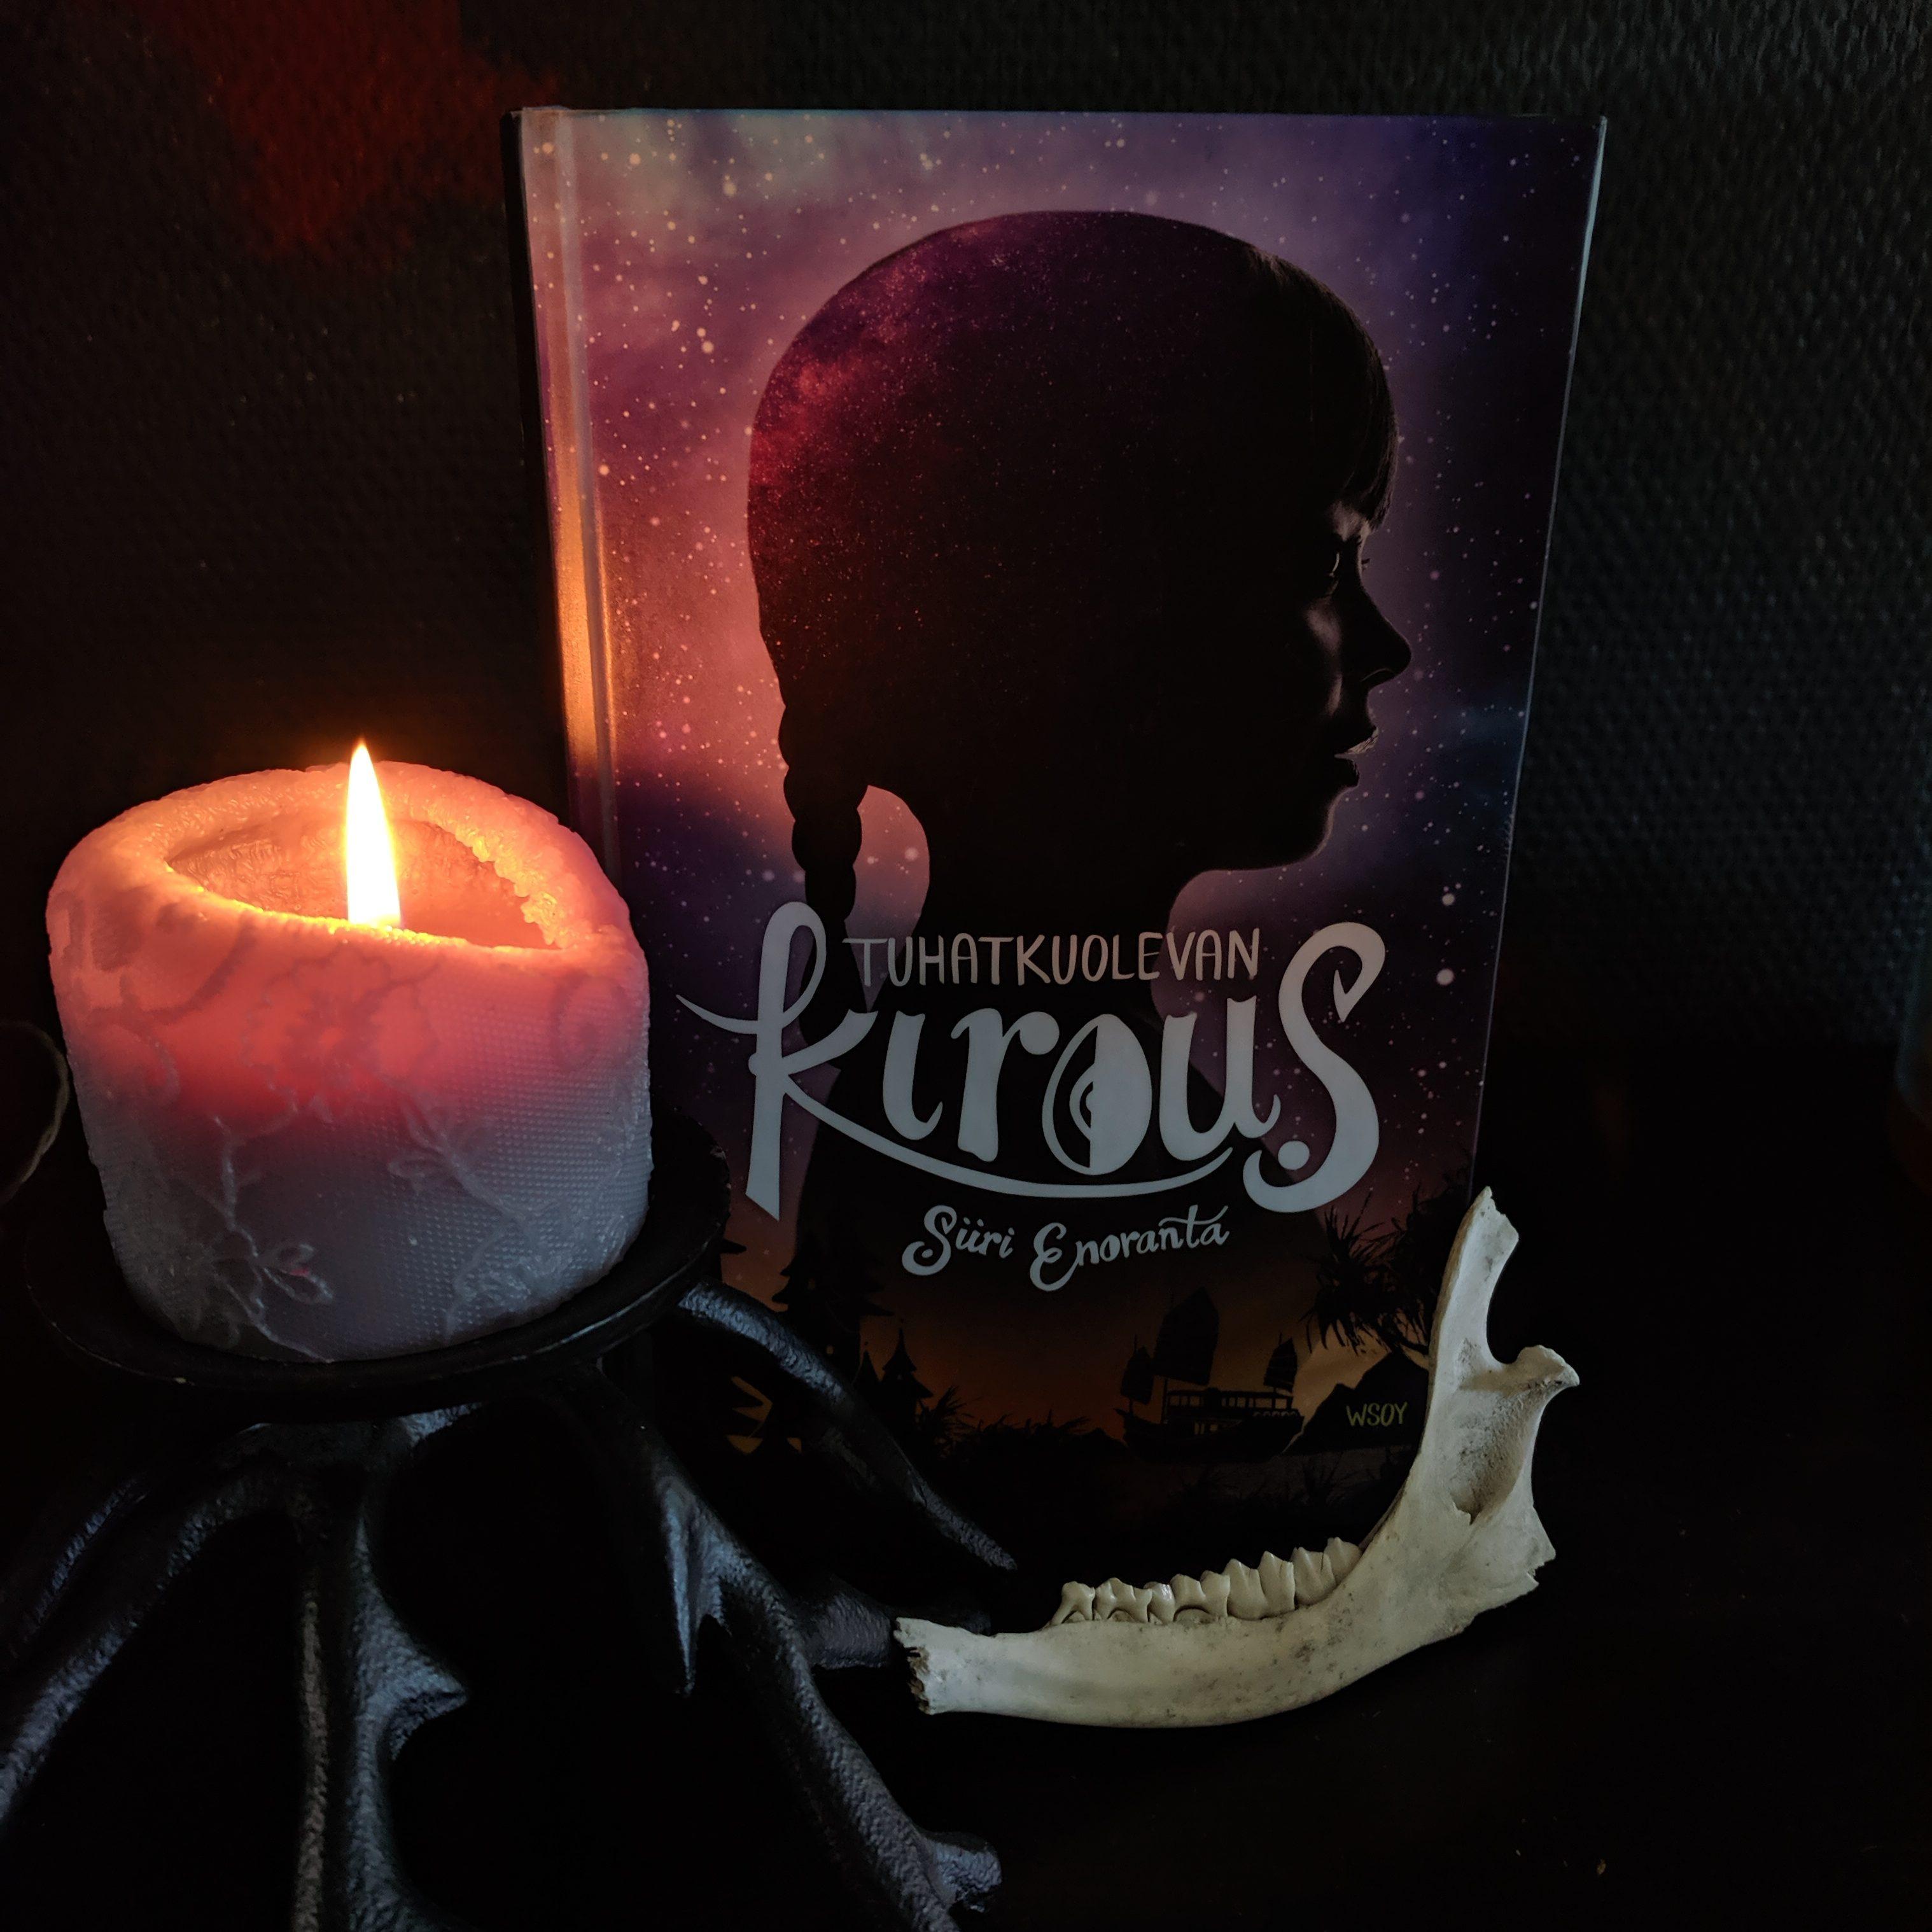 Kynttilä palaa kirjan Tuhatkuolevan kirous -vierellä